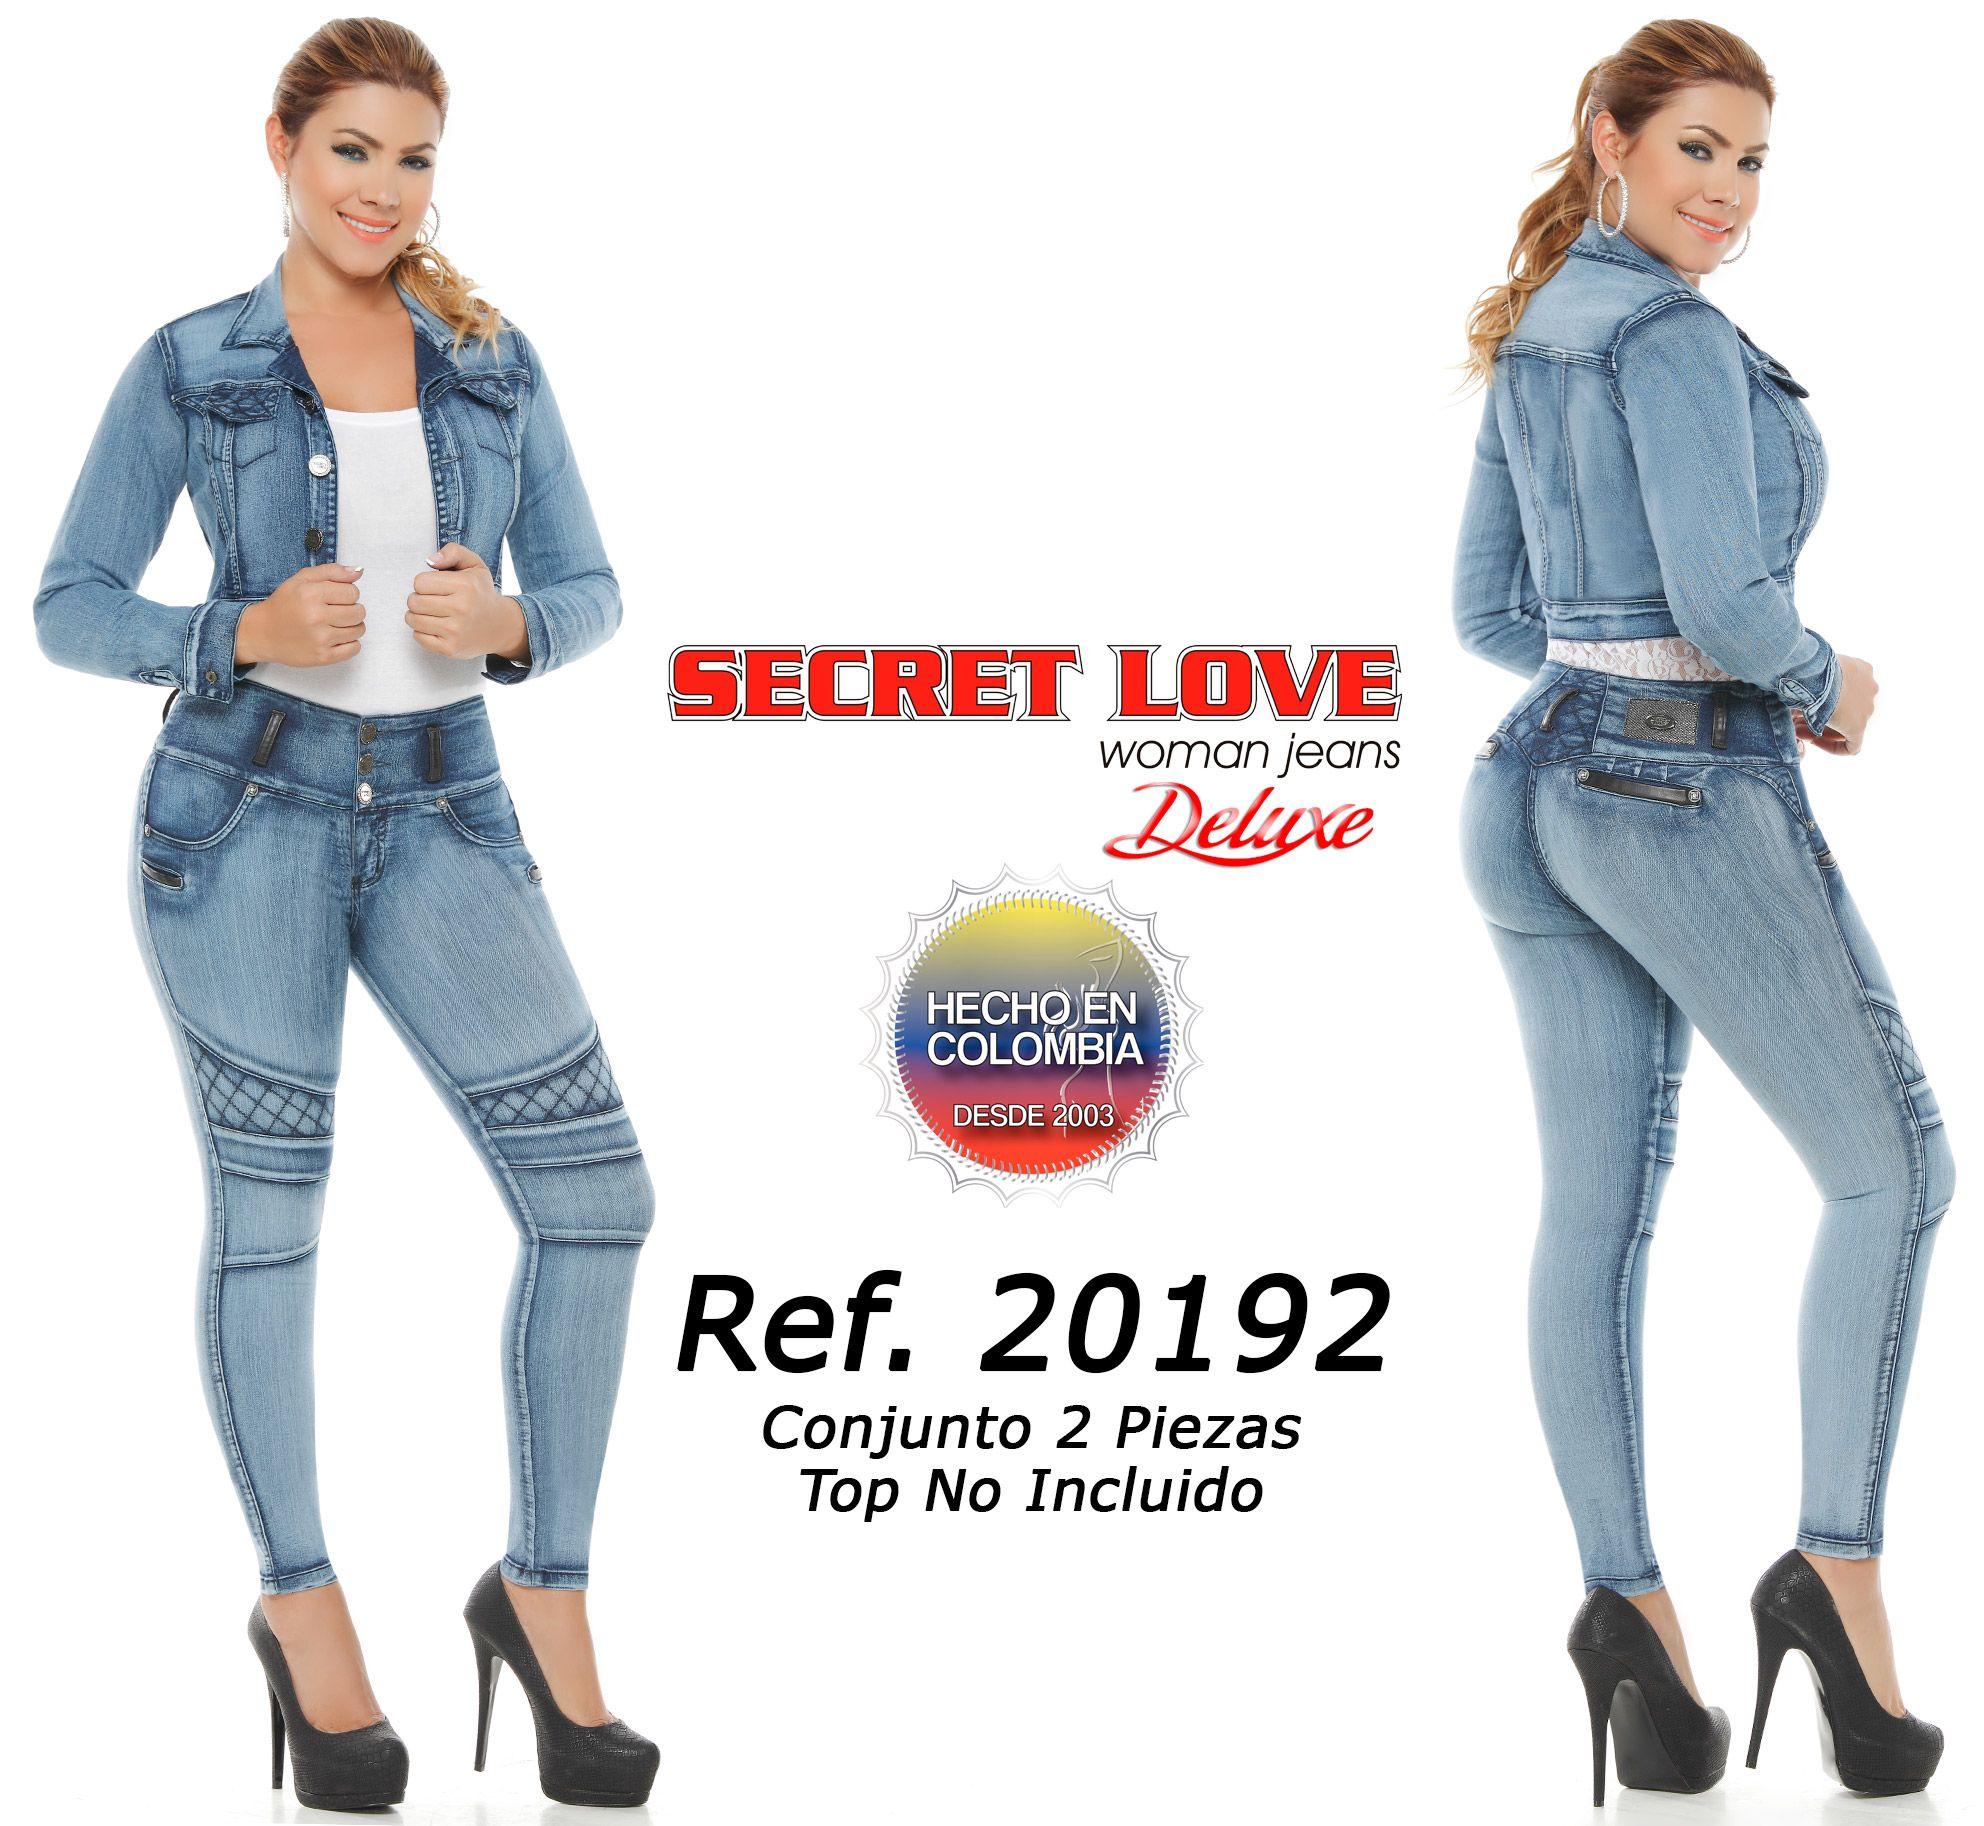 20192lpap R Jeans Levantacola Ska Studio Pantalones Jeans Jeans Estilo Denim